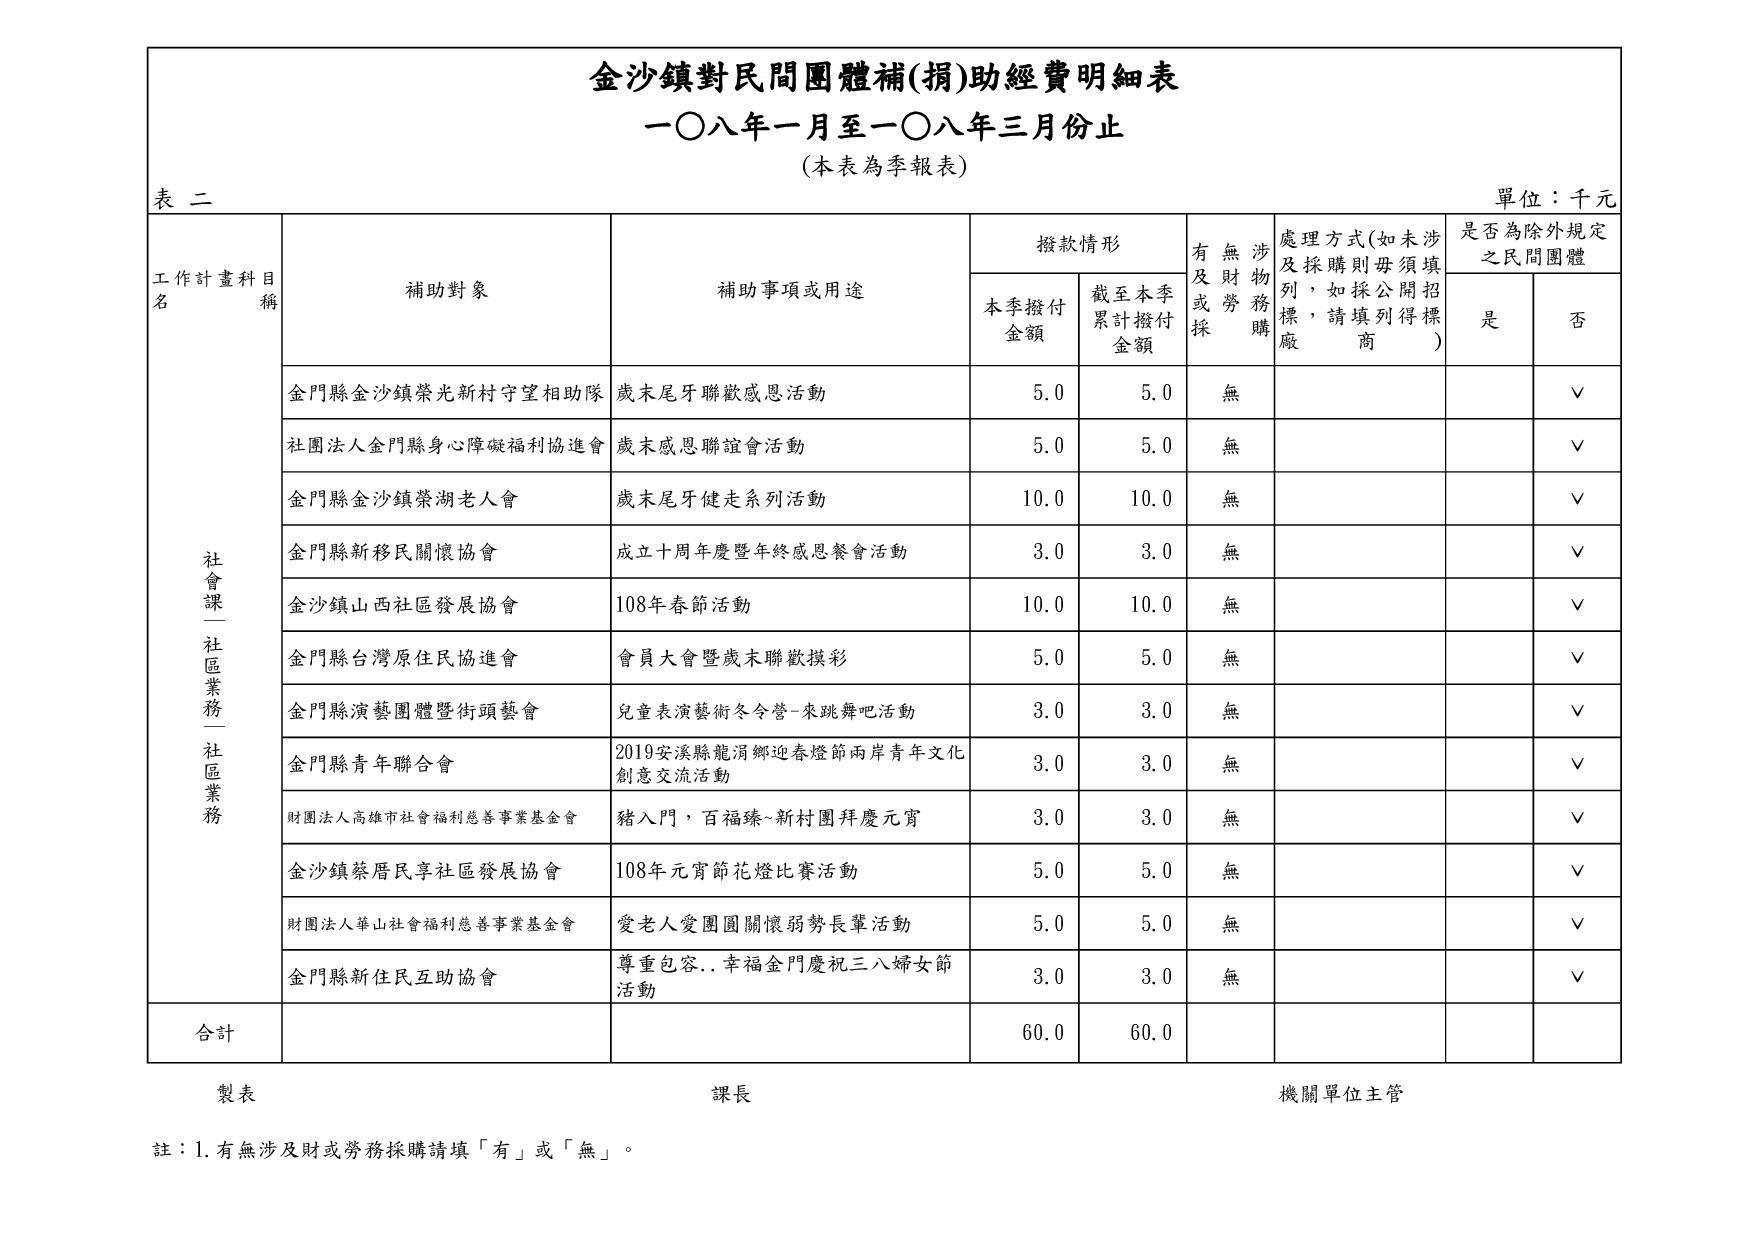 108年考核表補助民間團體(第1季 )